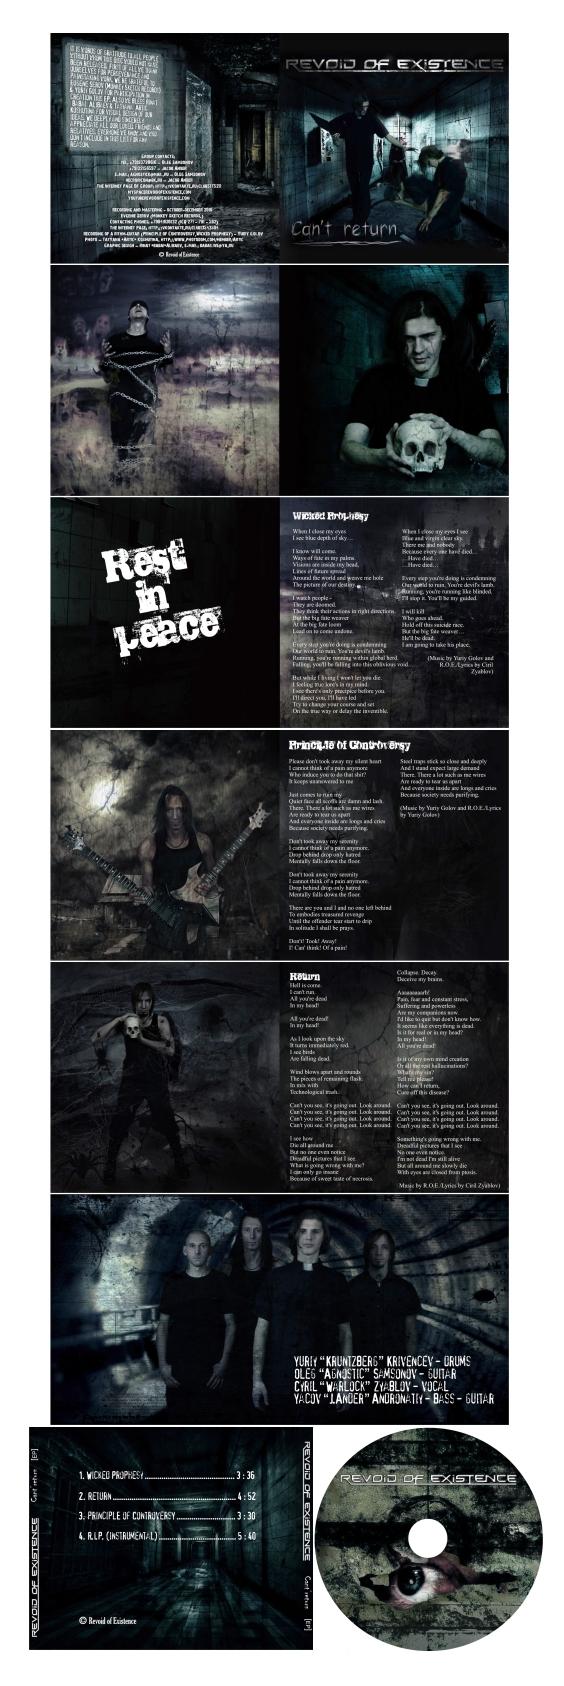 """Разработка дизайна обложки и диска для группы """"Revoid of existence"""""""